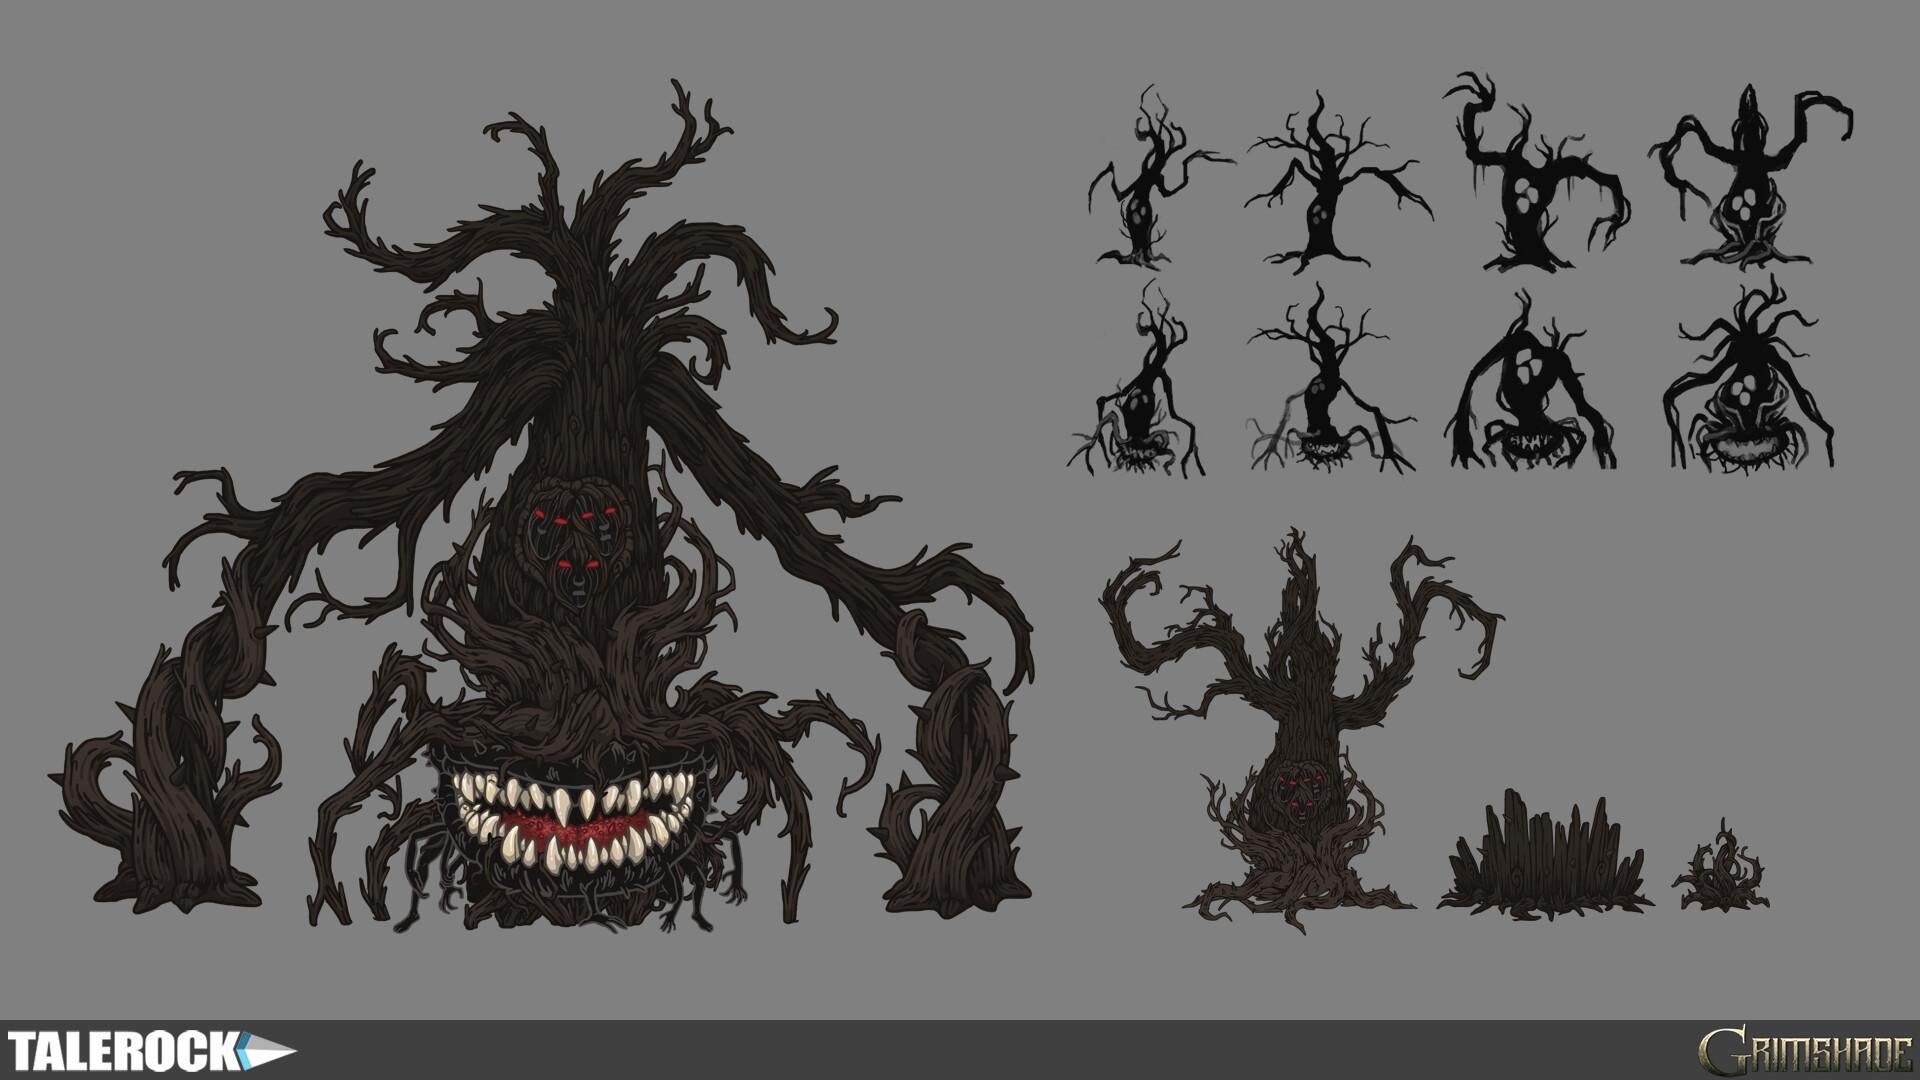 Talerock studio wailing horror concept